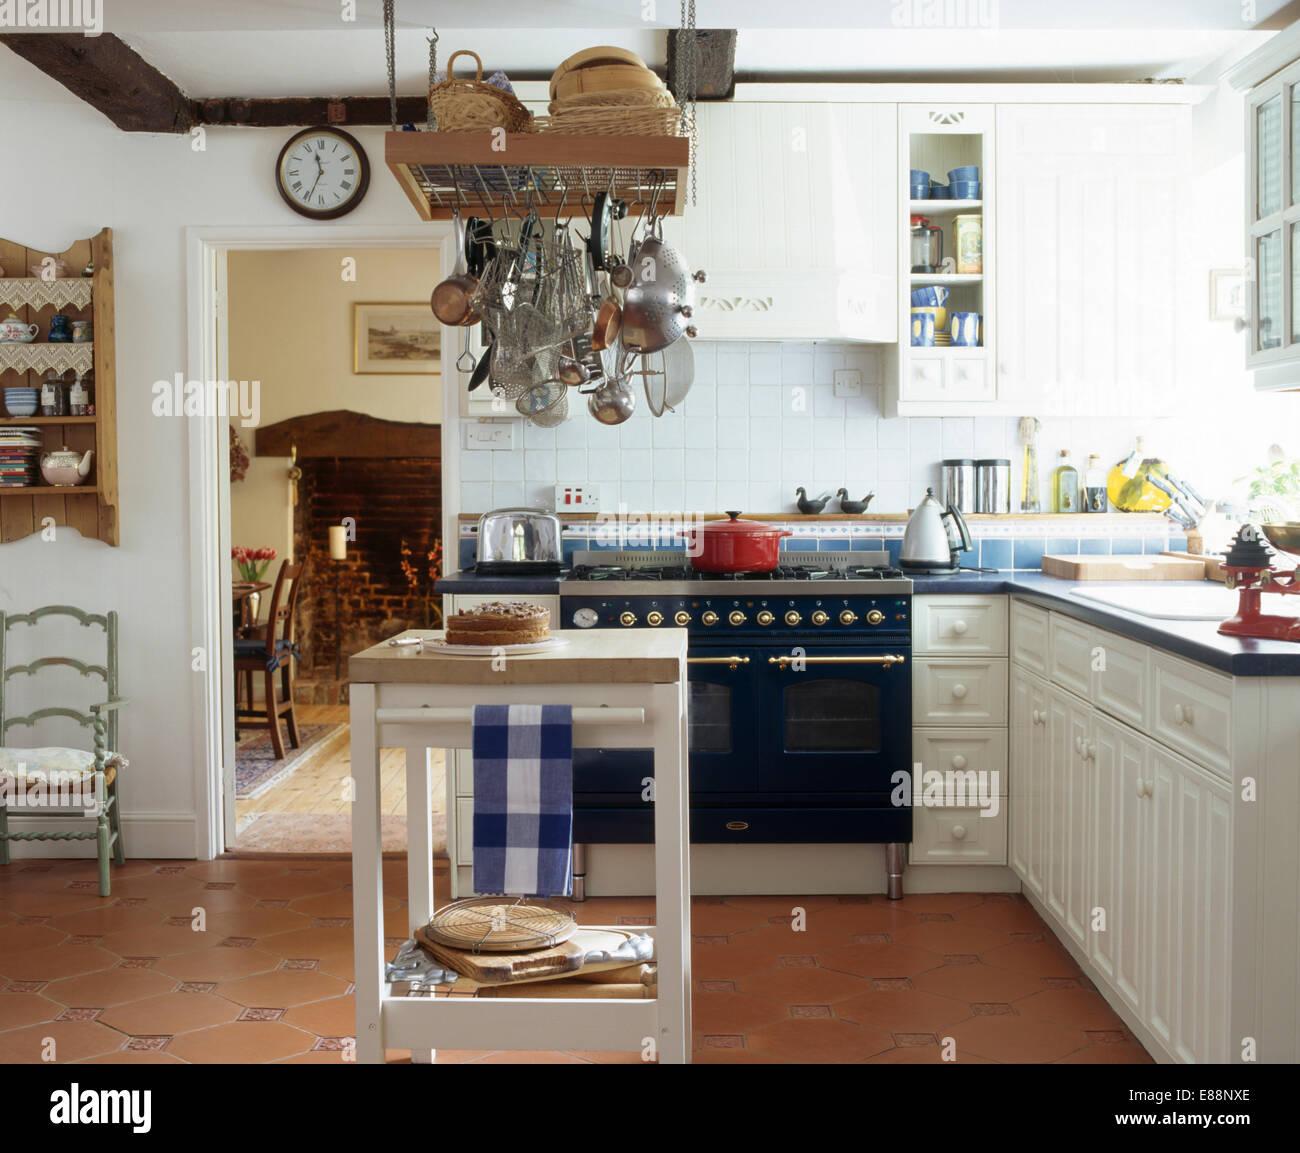 Niedlich Metzger Top Kücheninsel Bilder - Küchen Design Ideen ...